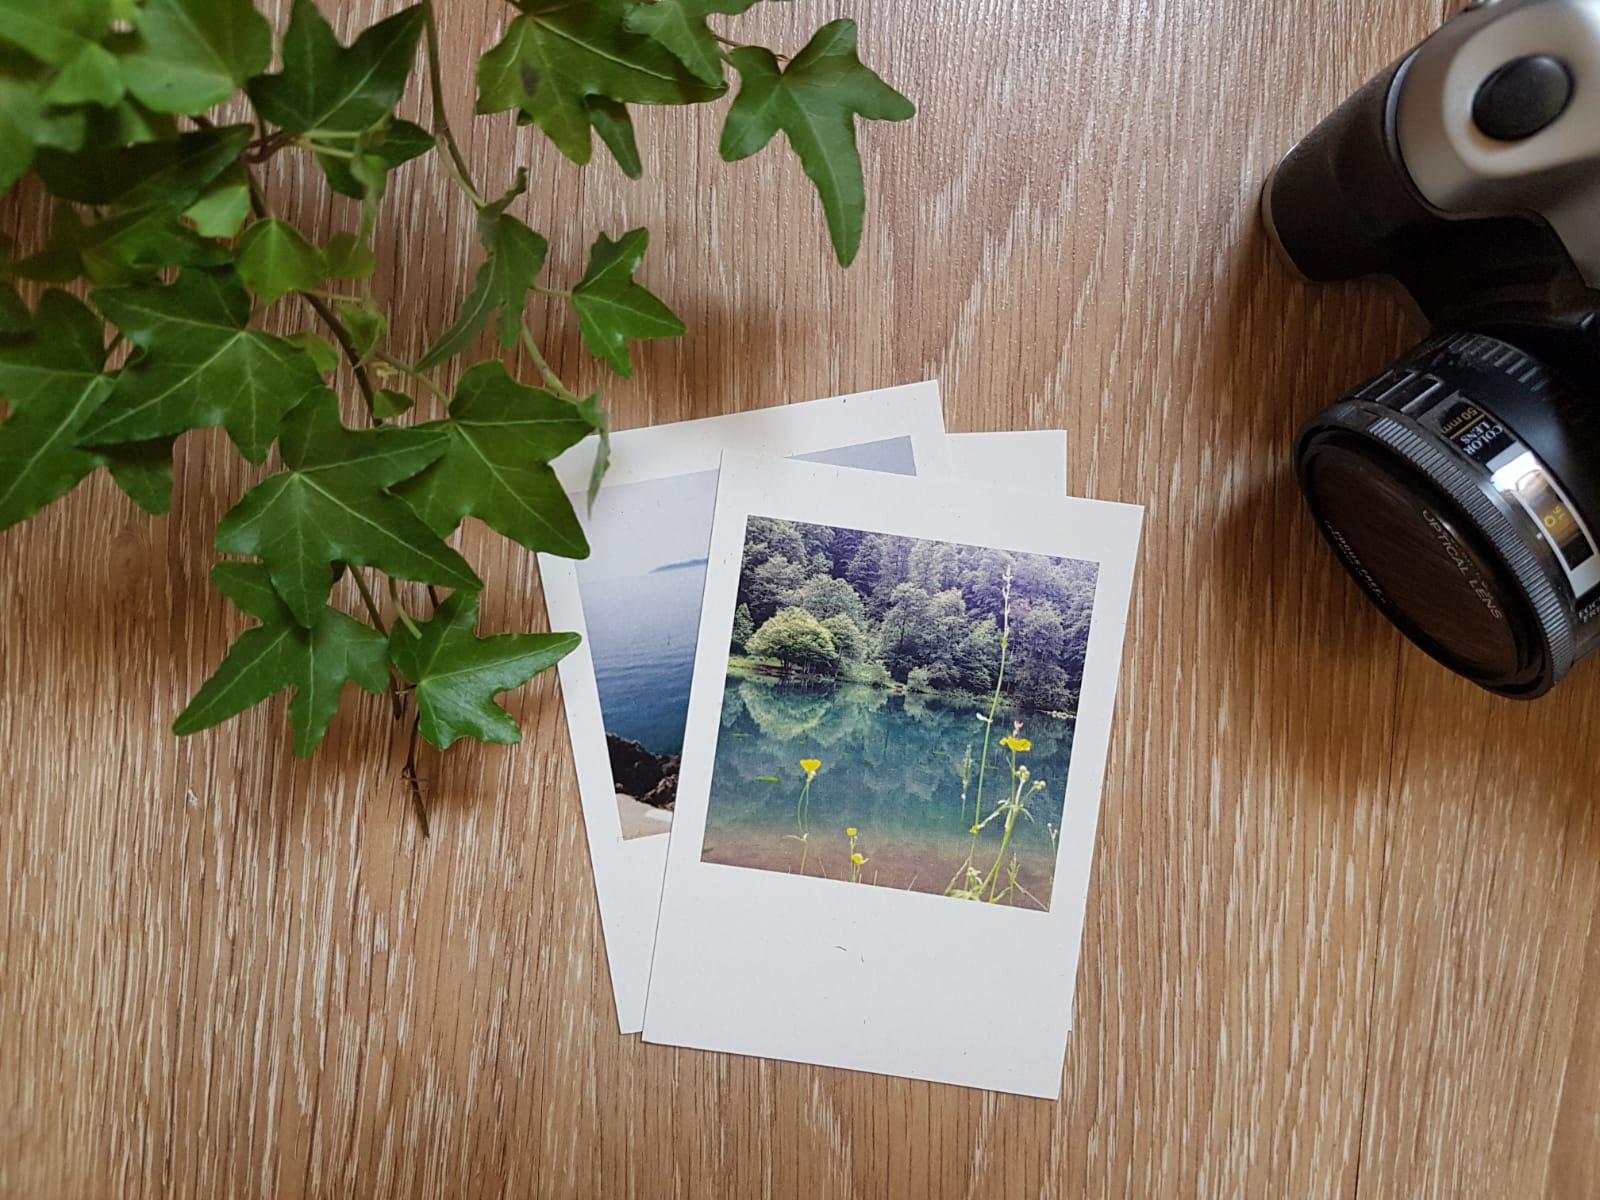 גלויות מעוצבות, כרטיסי ברכה מעוצבים, מתנה מקורית, מצלמה ופרחים